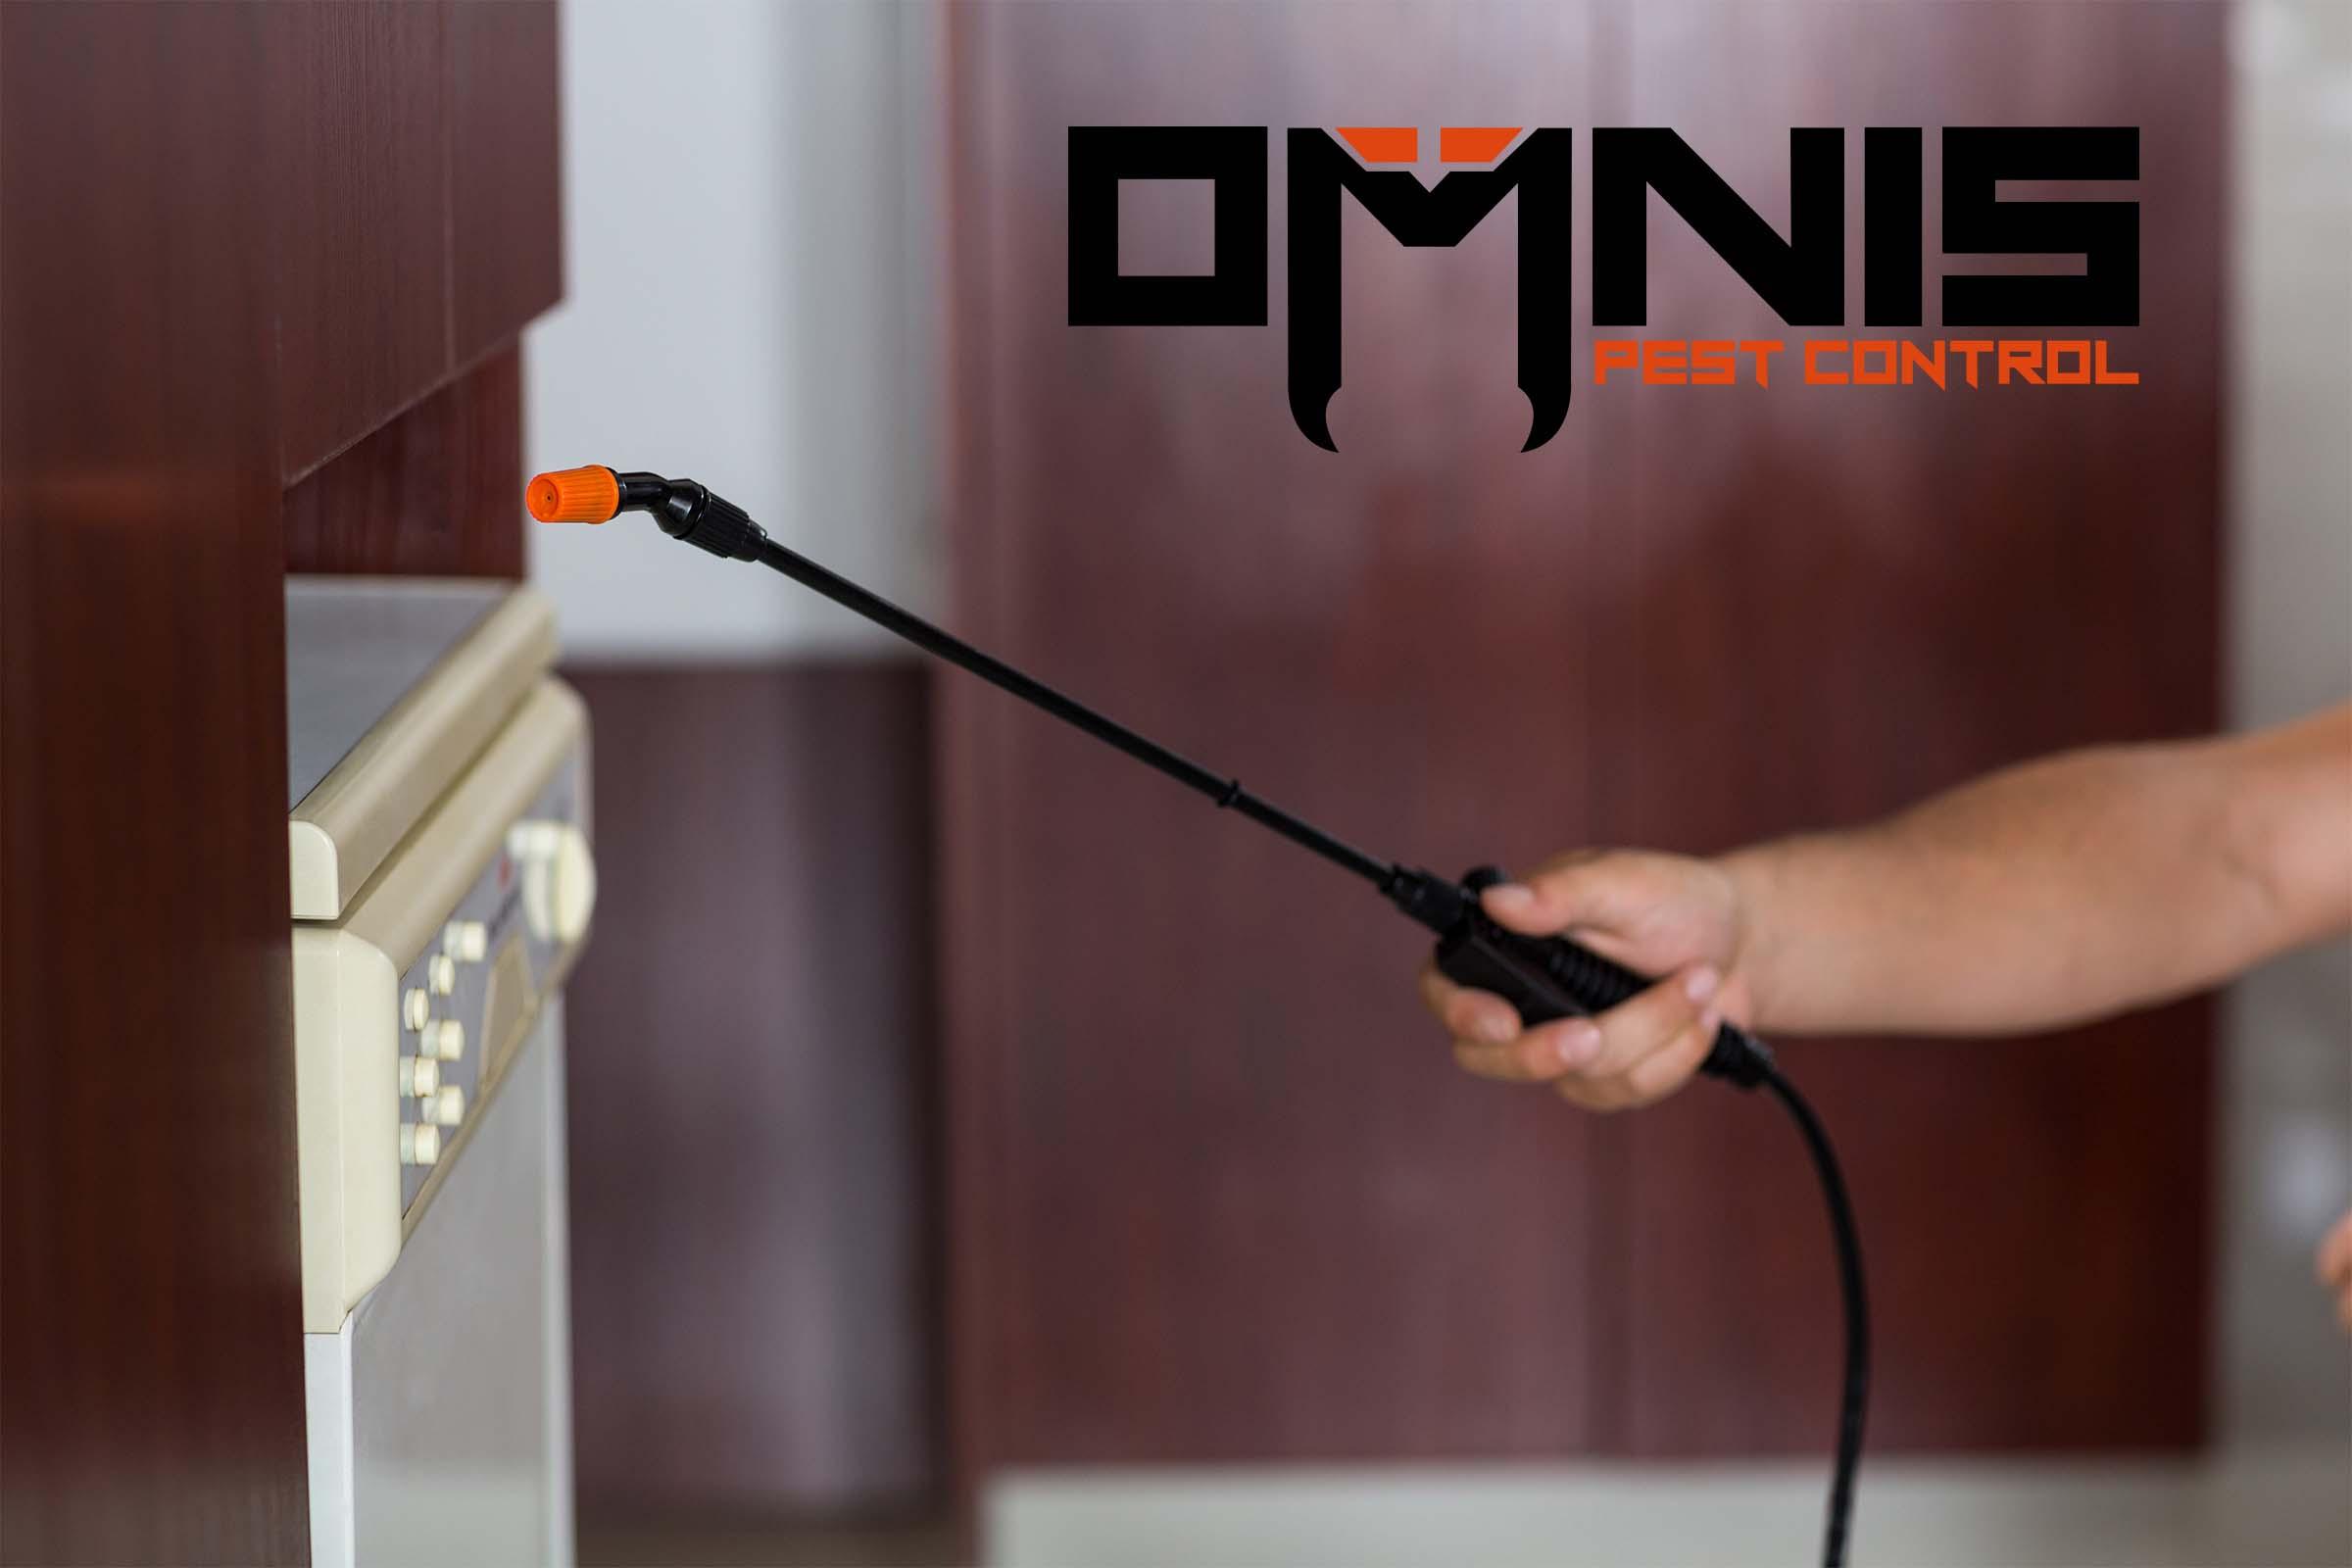 Omnis pest control spraying kitchen